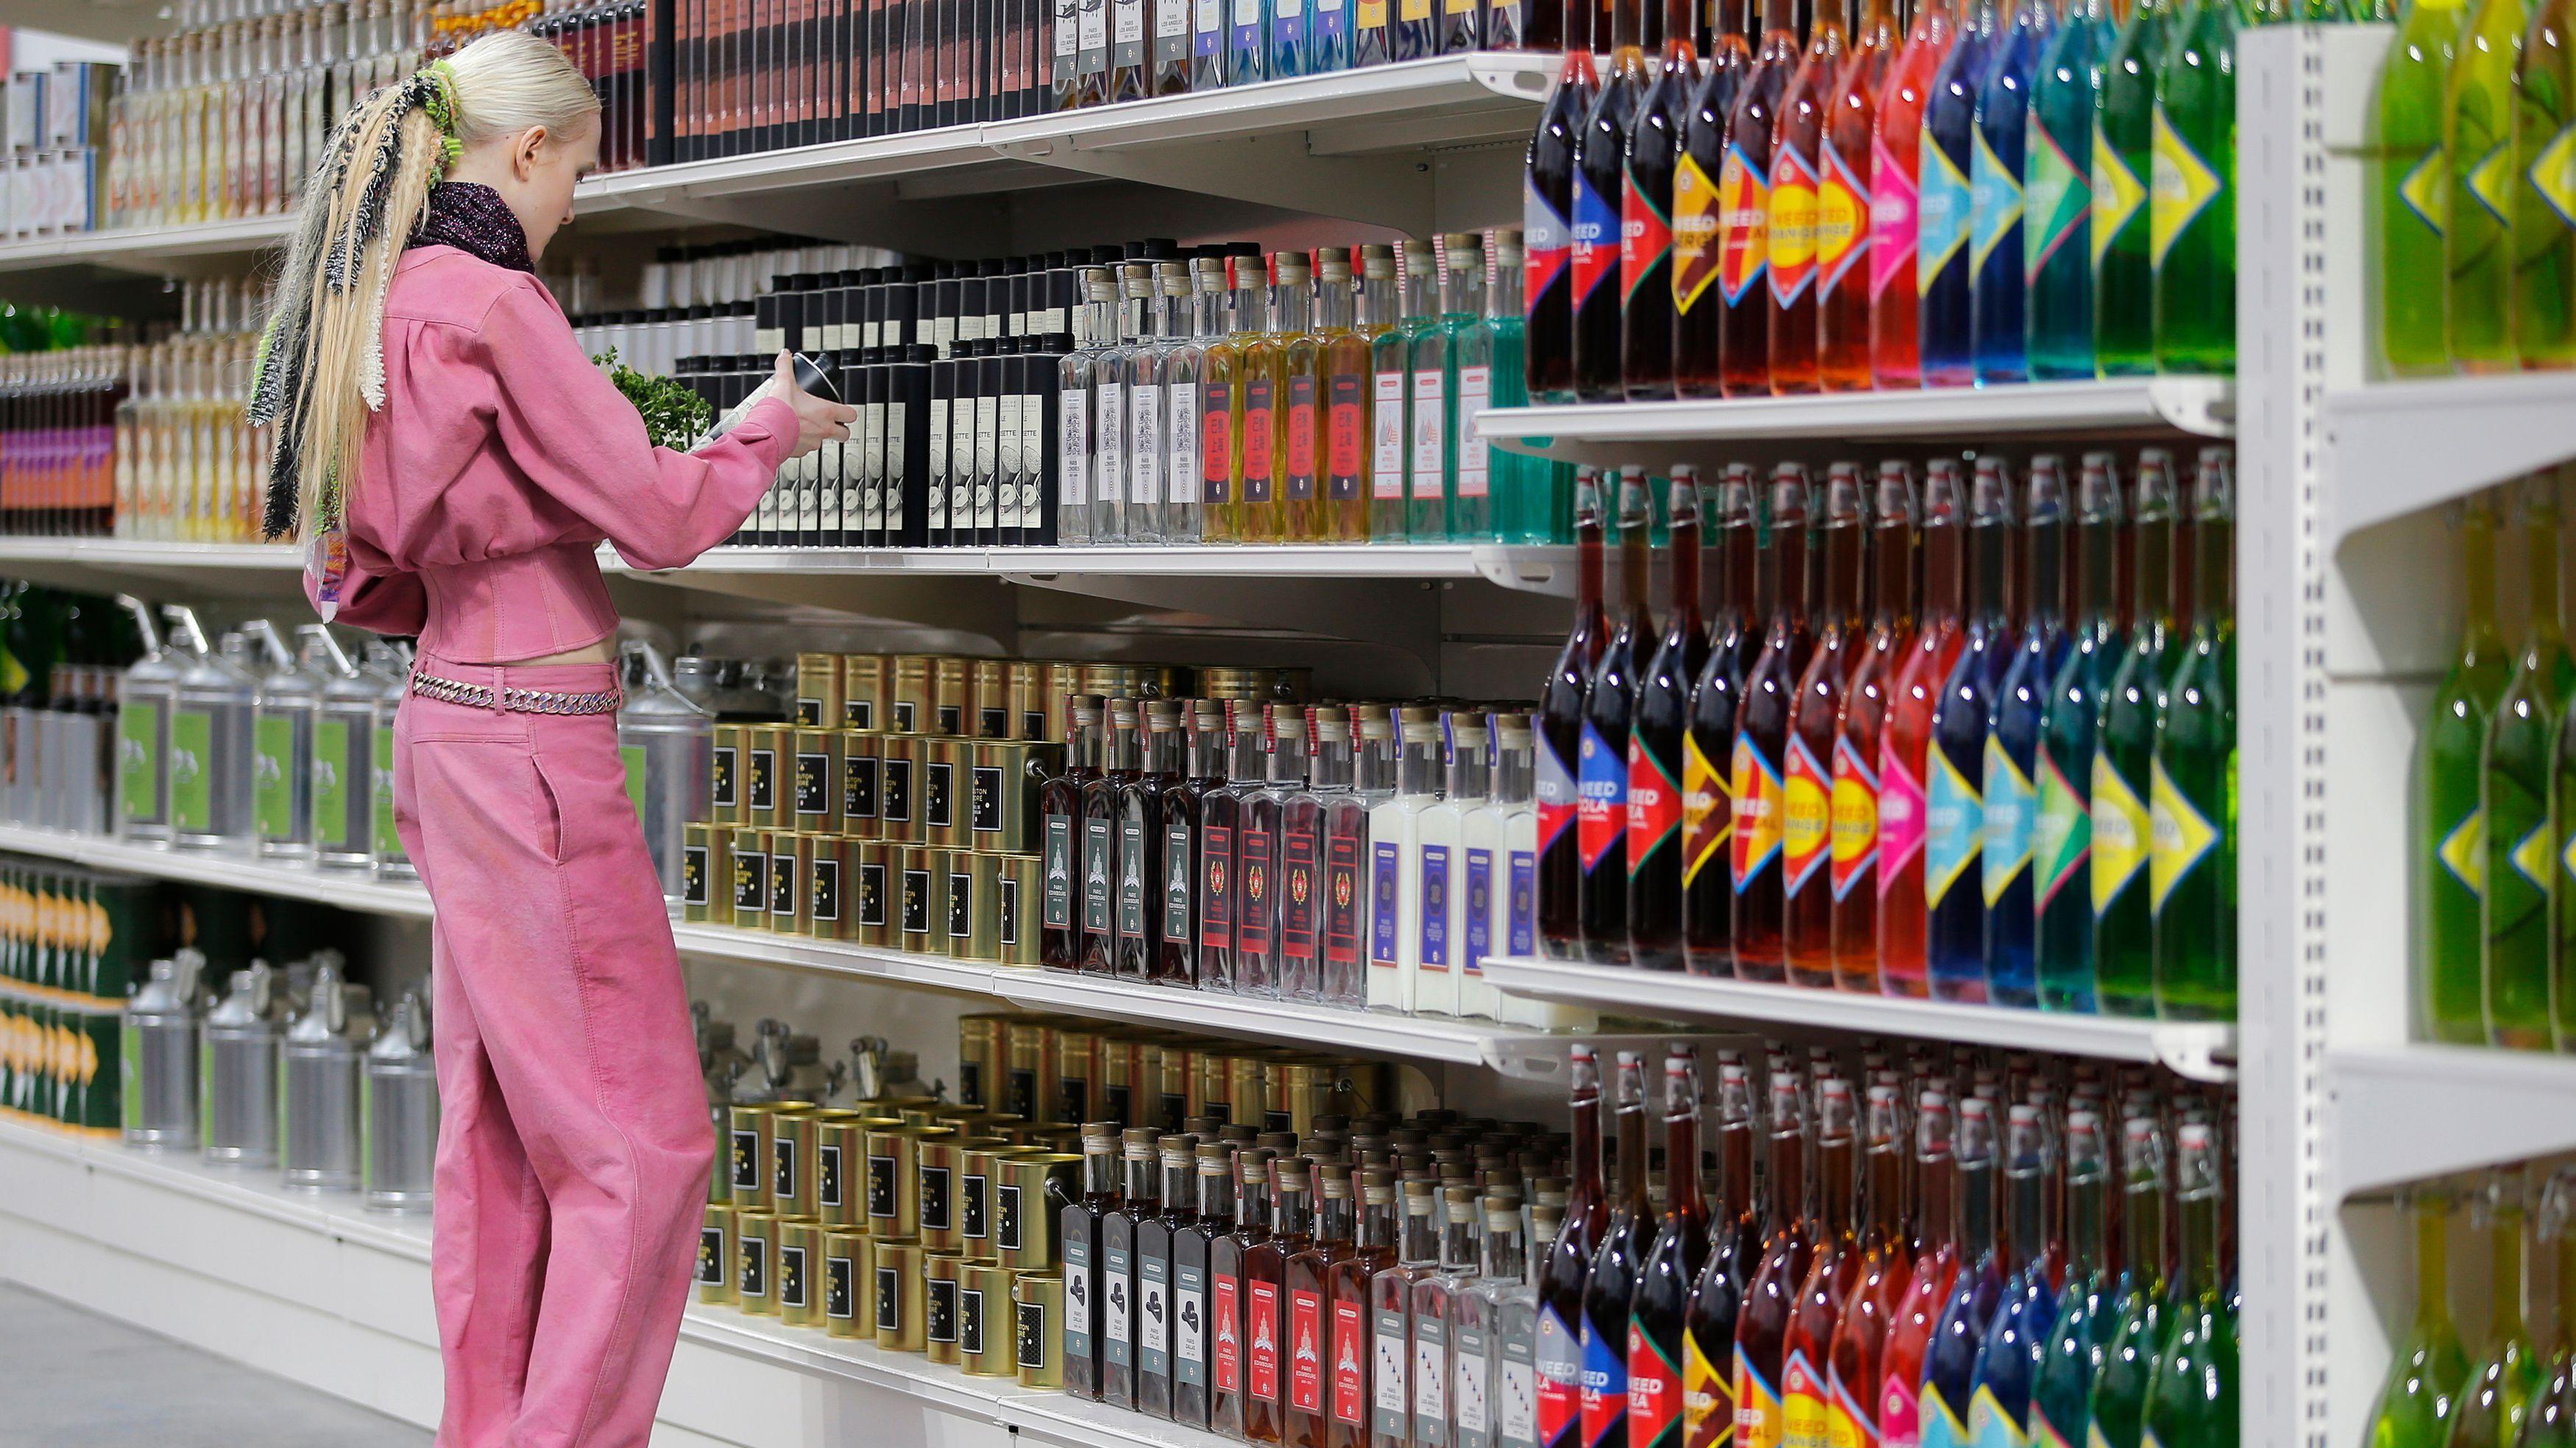 shopper in supermarket shelves